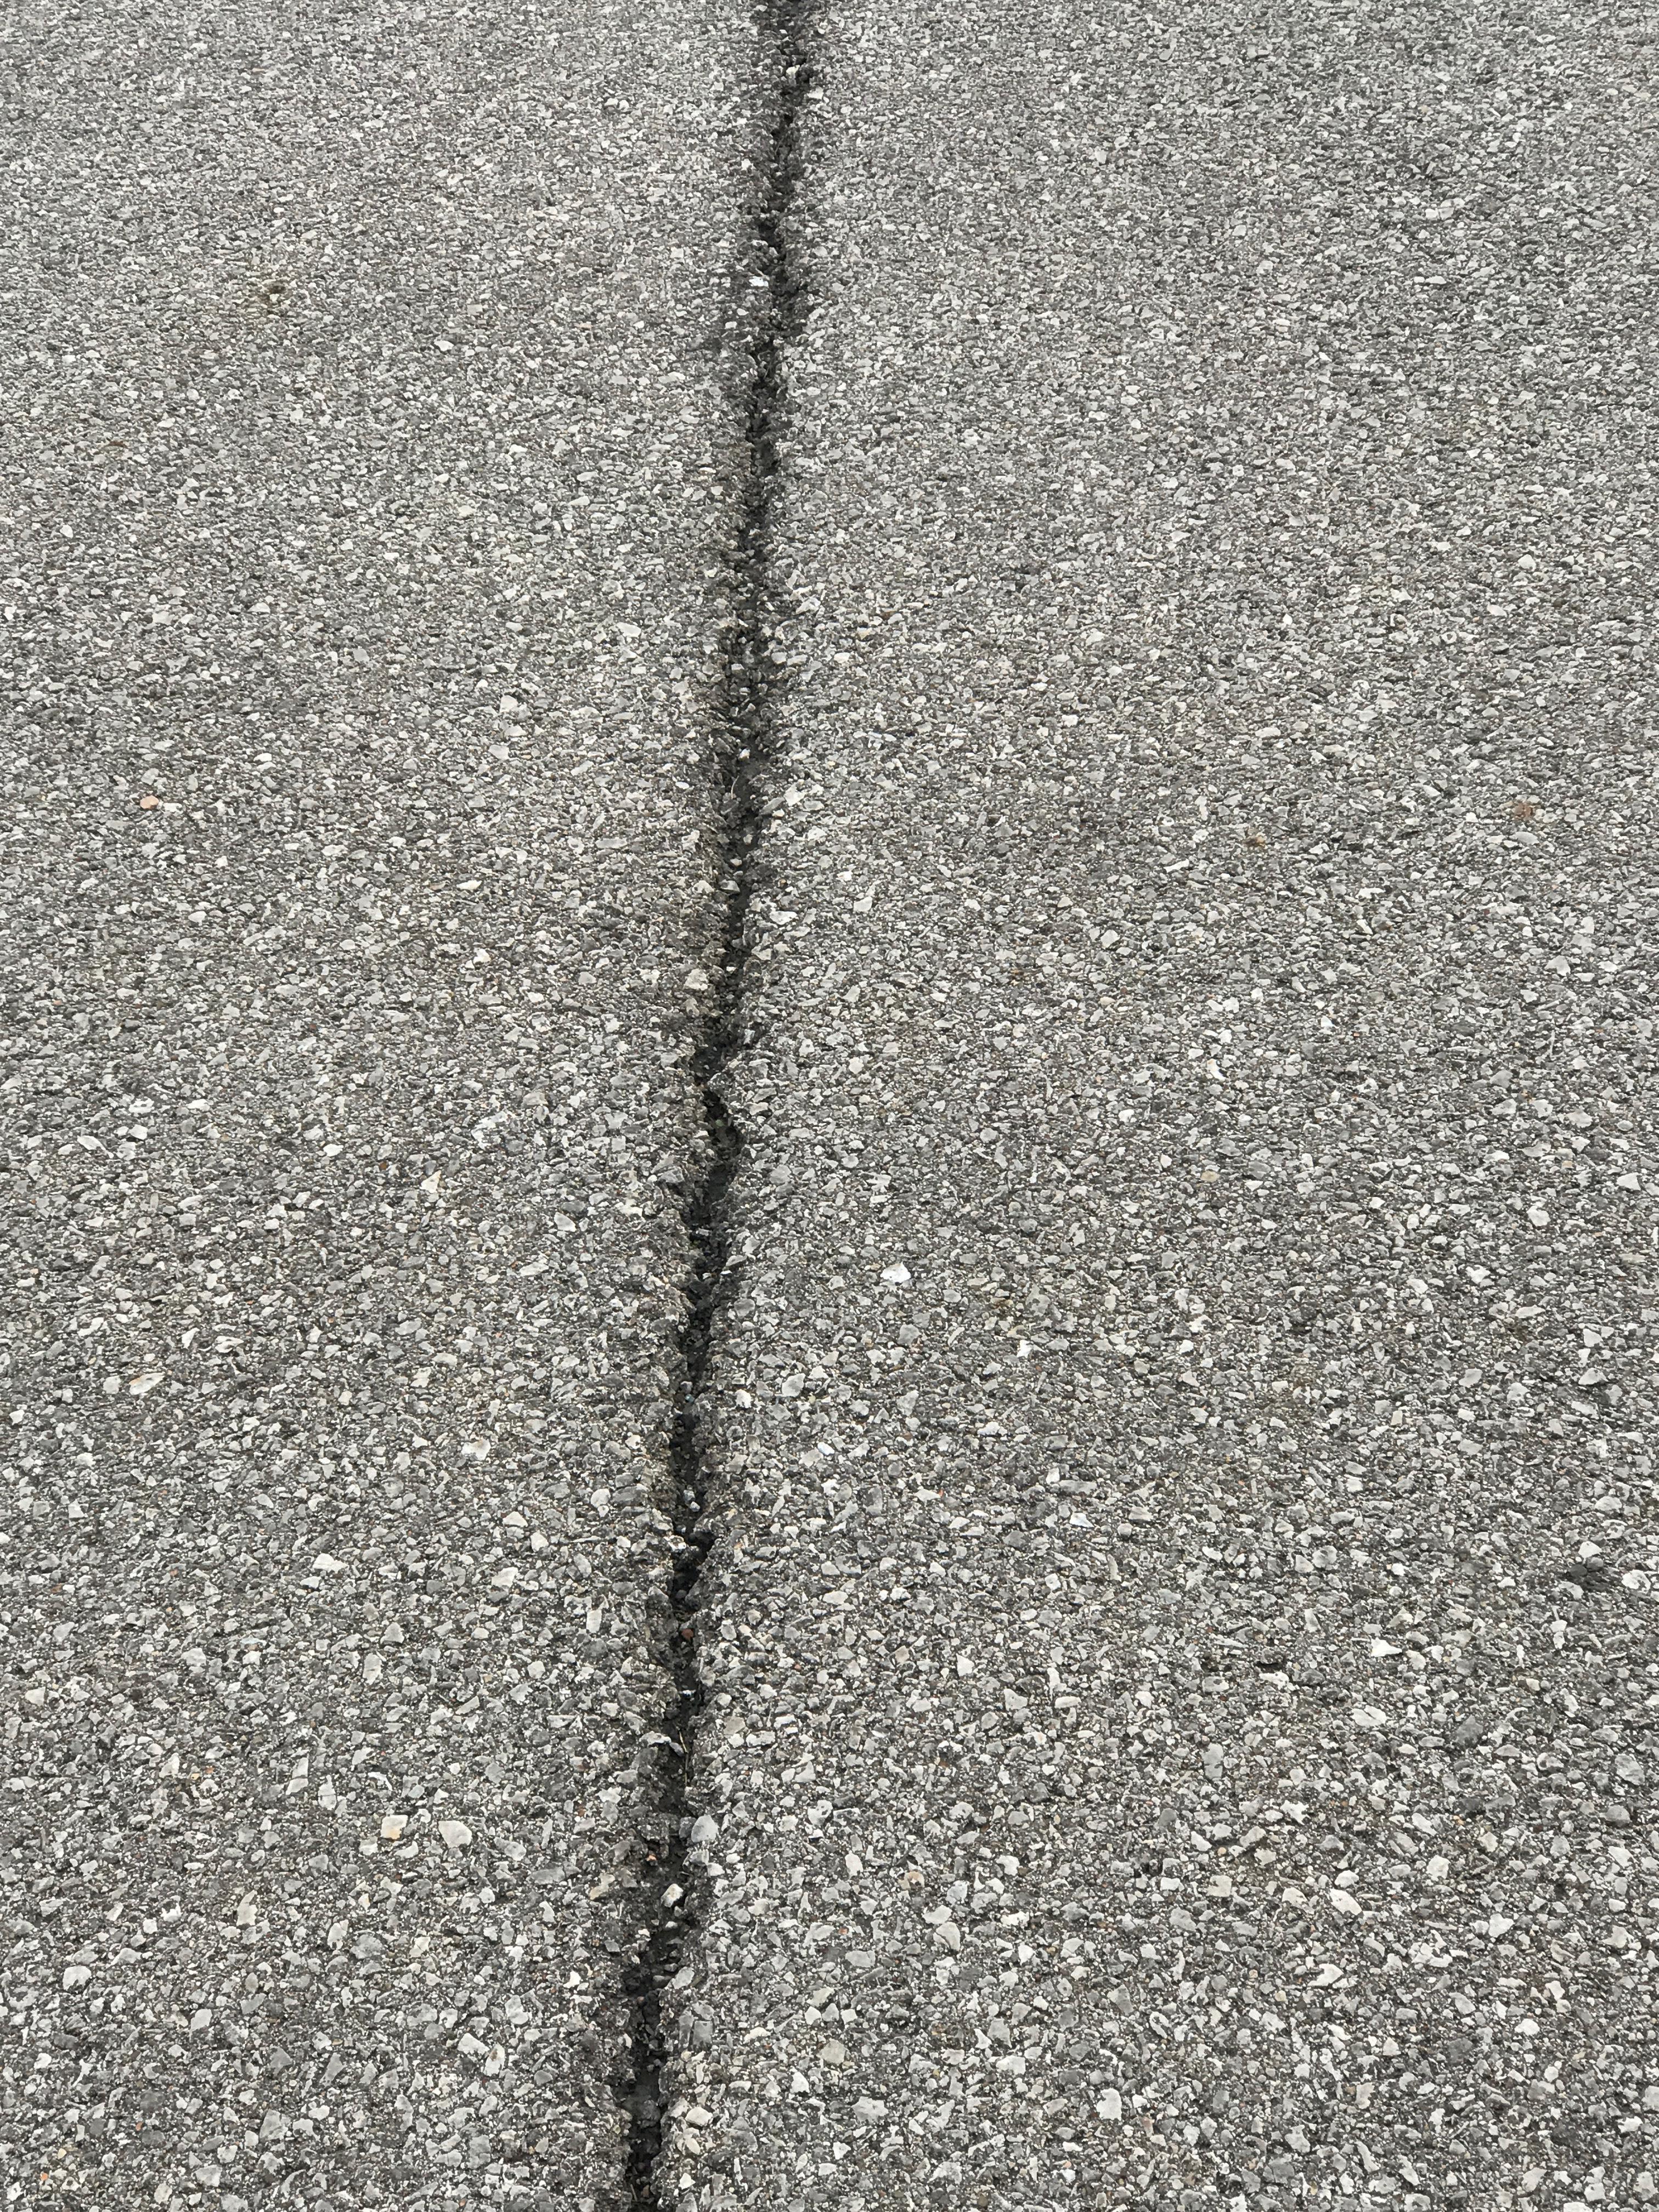 asphalt parking lot crack